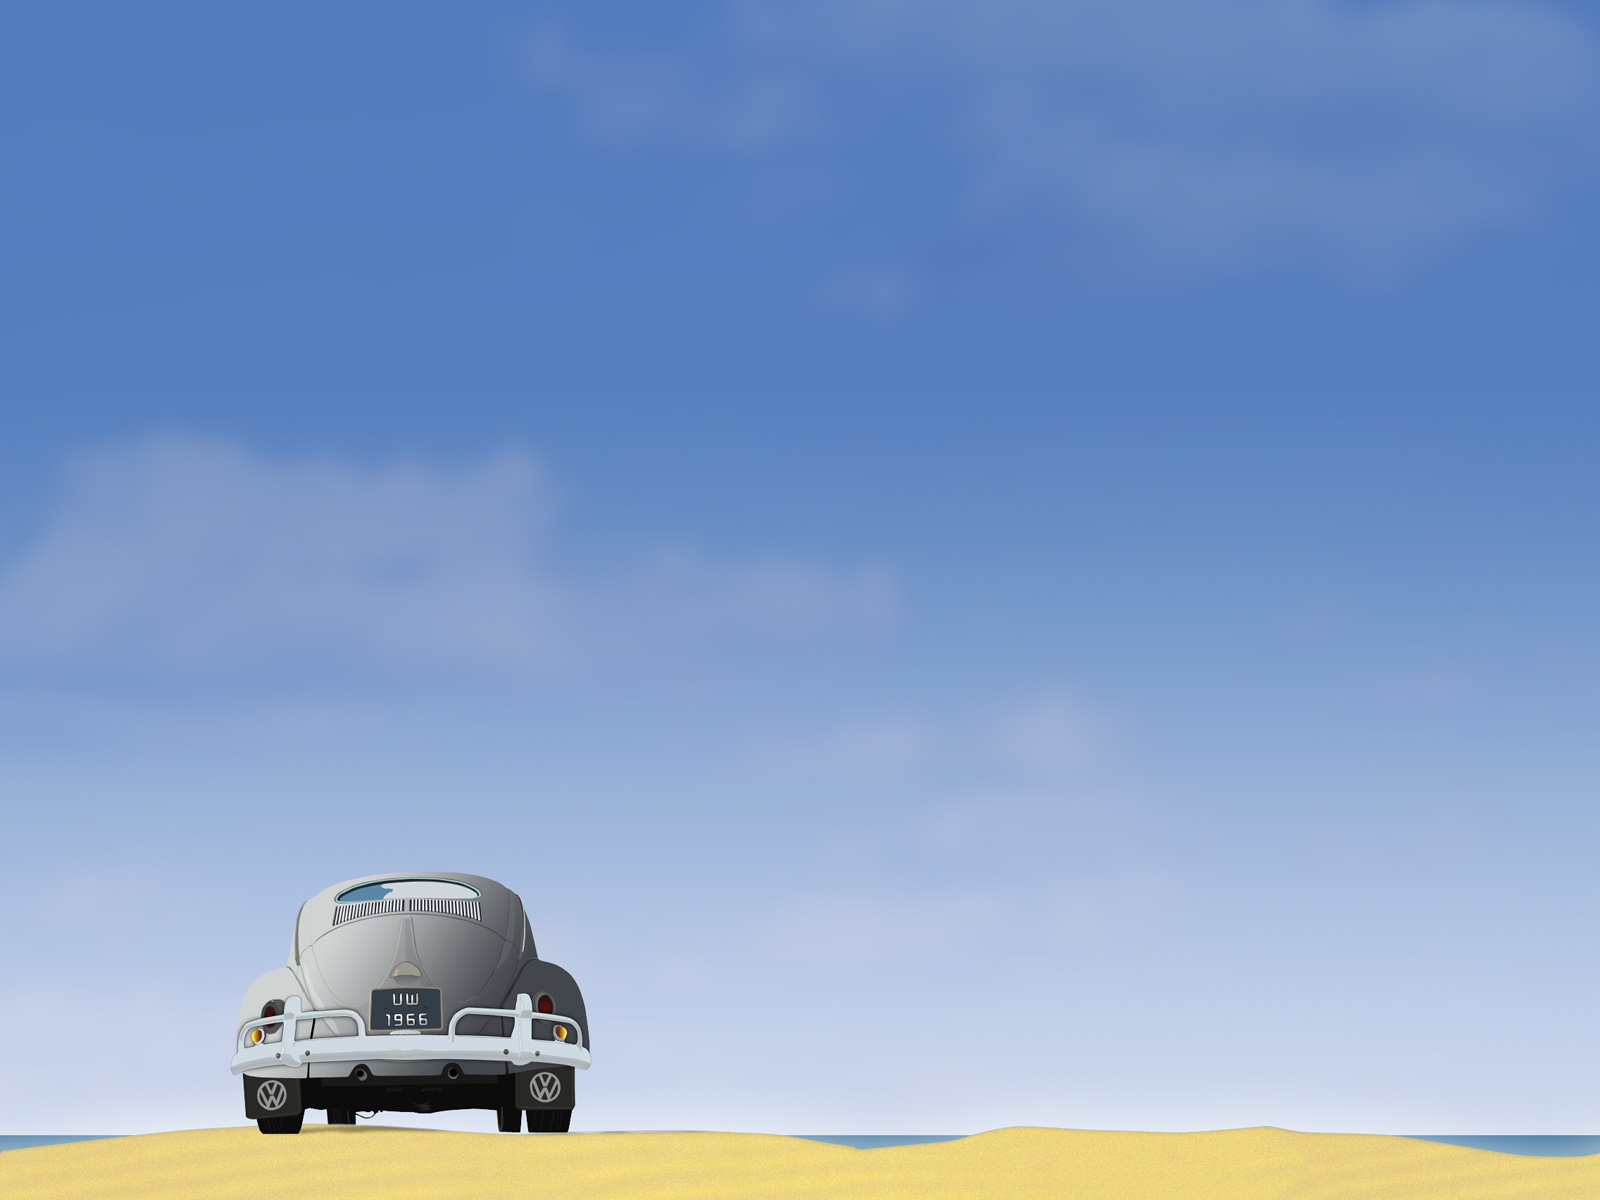 sky wallpaper, небо, машина, пляж, скачать фото, обои для рабочего стола